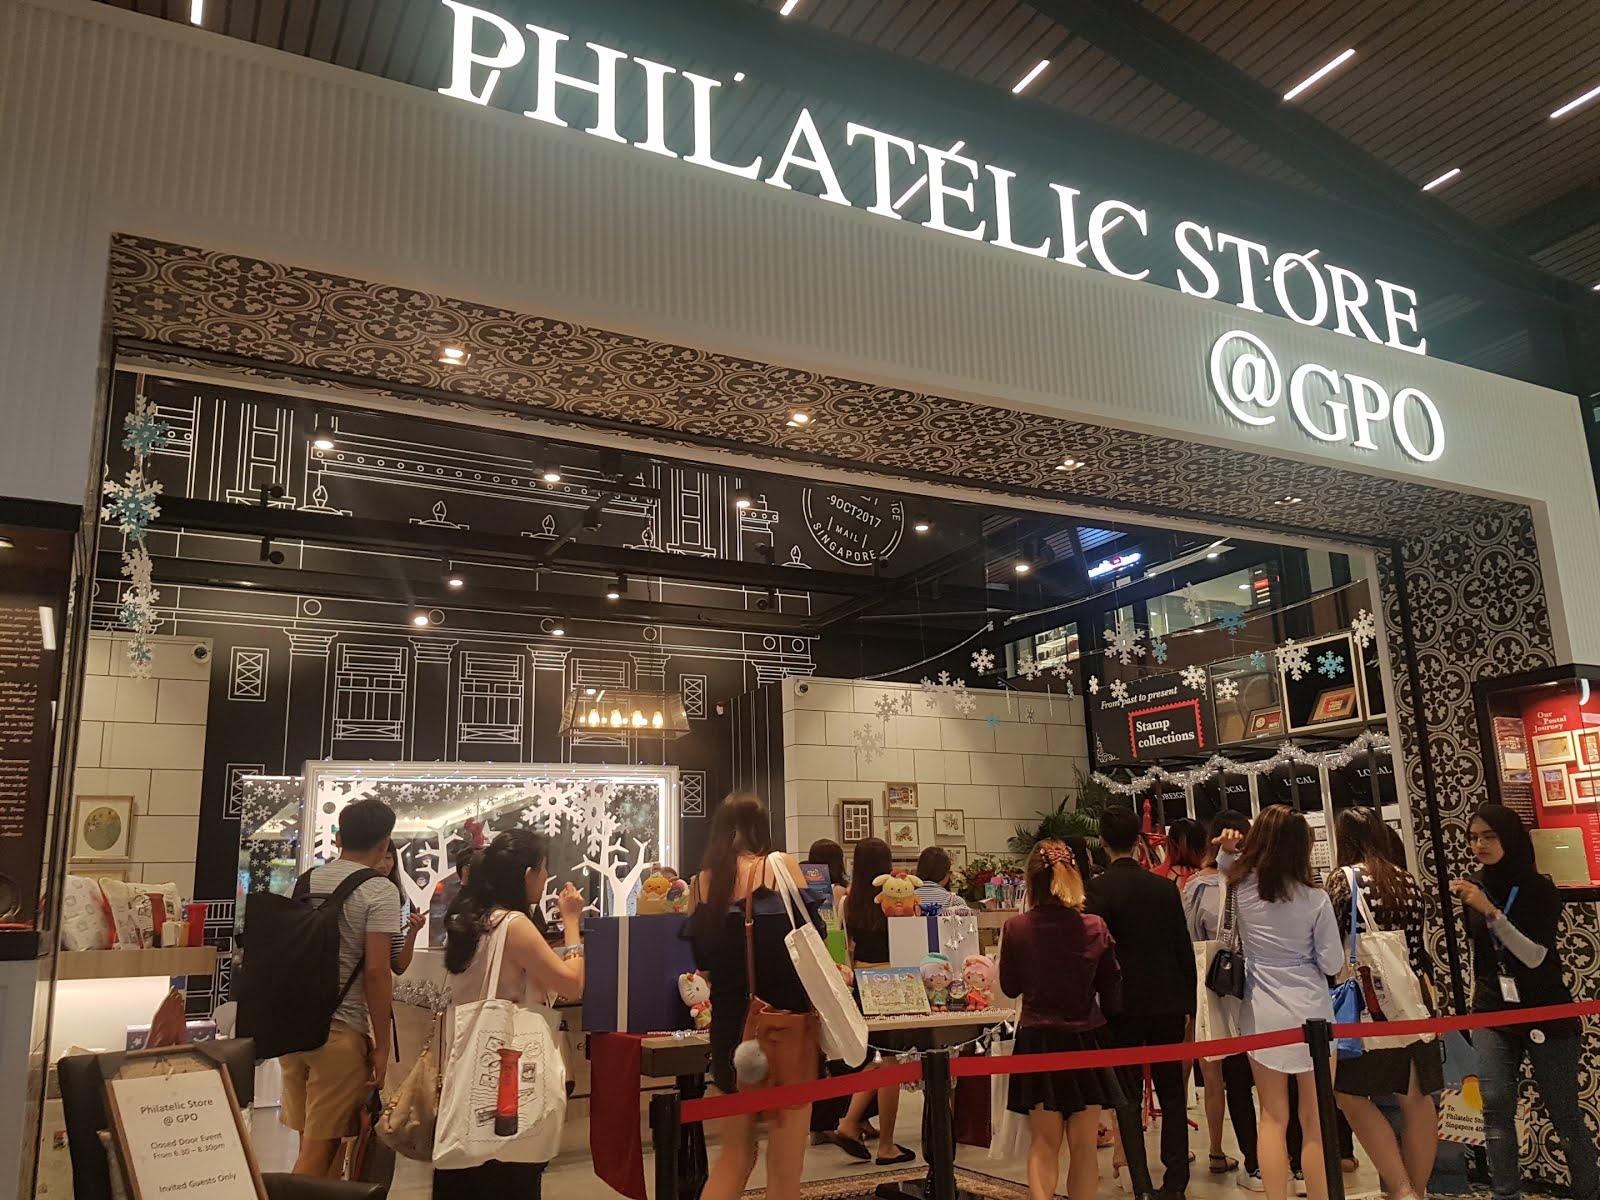 Philatelic Store @GPO Bringing You Christmas Cheers - Jiahui